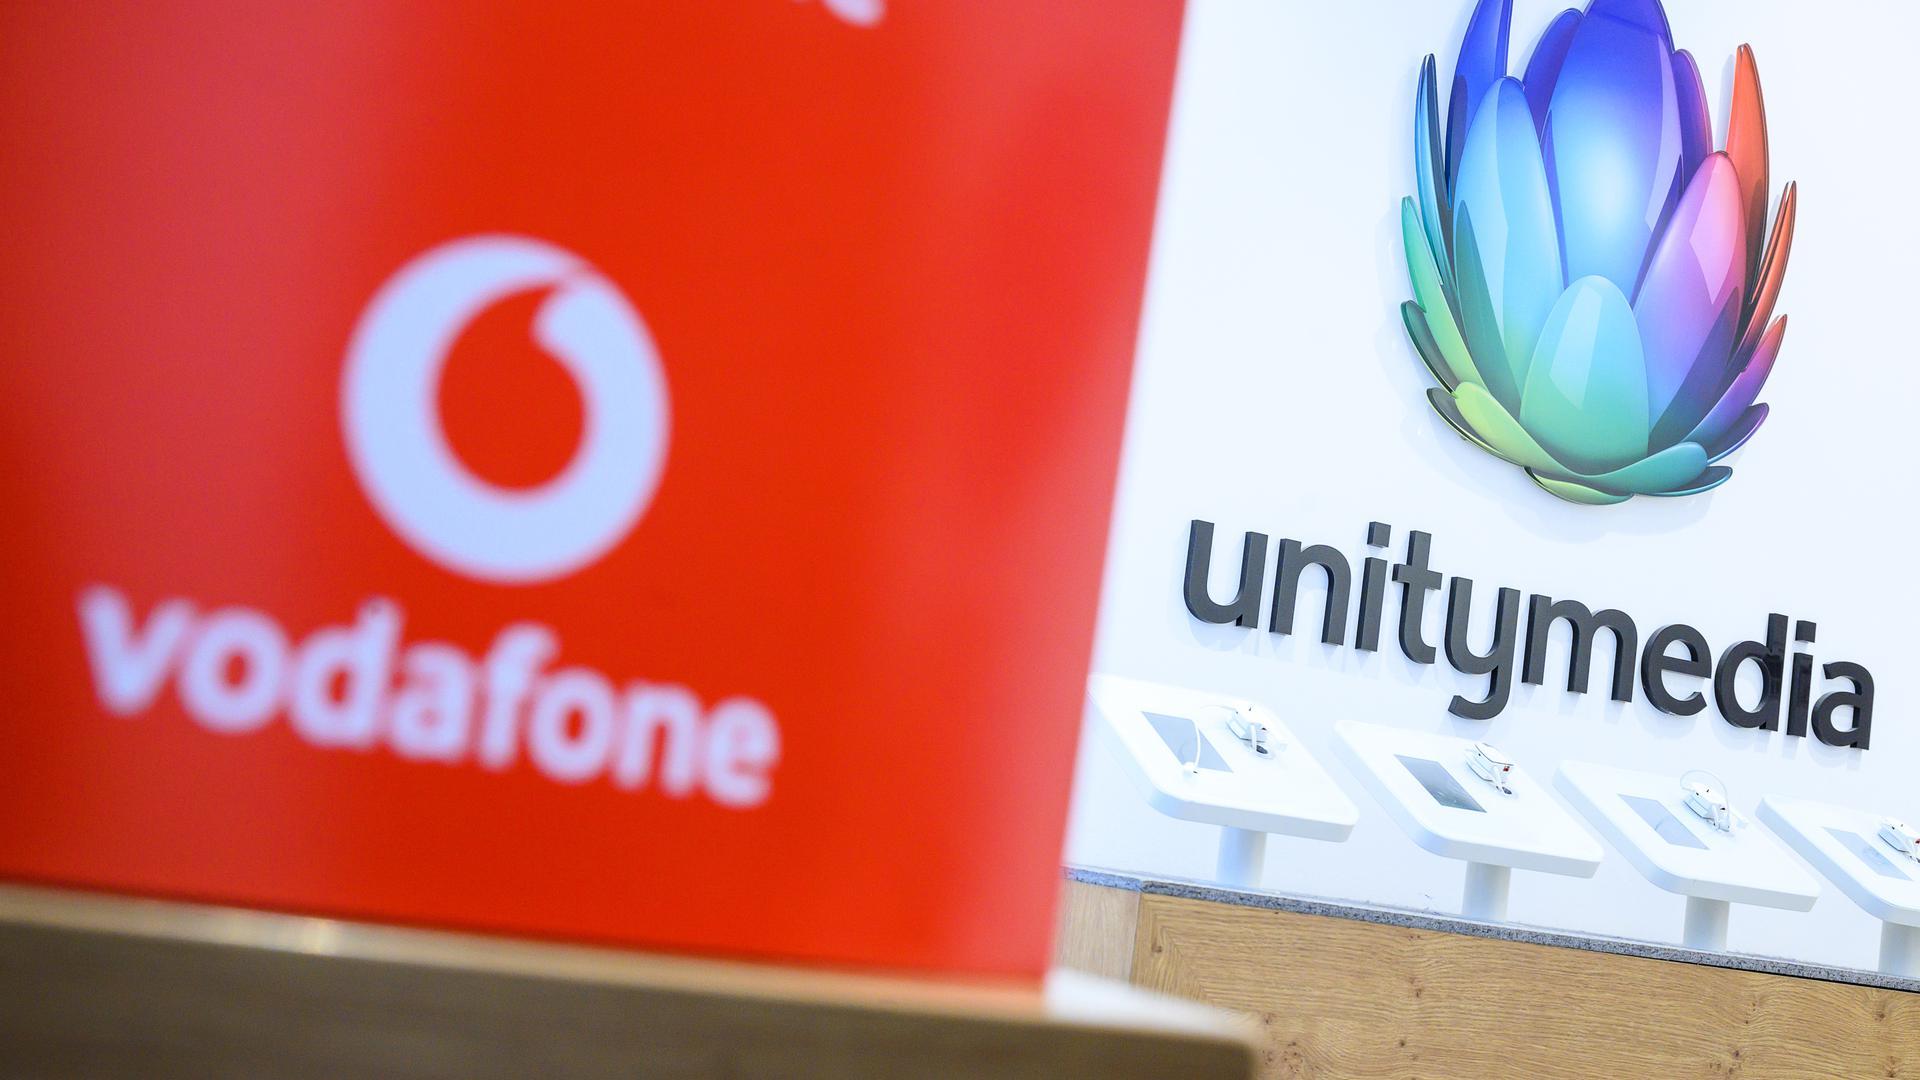 Flurbereinigung: Die Marke Unitymedia verschwindet nach der Übernahme durch Vodafone nun endgültig. Für die Verbraucher sollte sich dadurch aber zunächst nichts ändern.